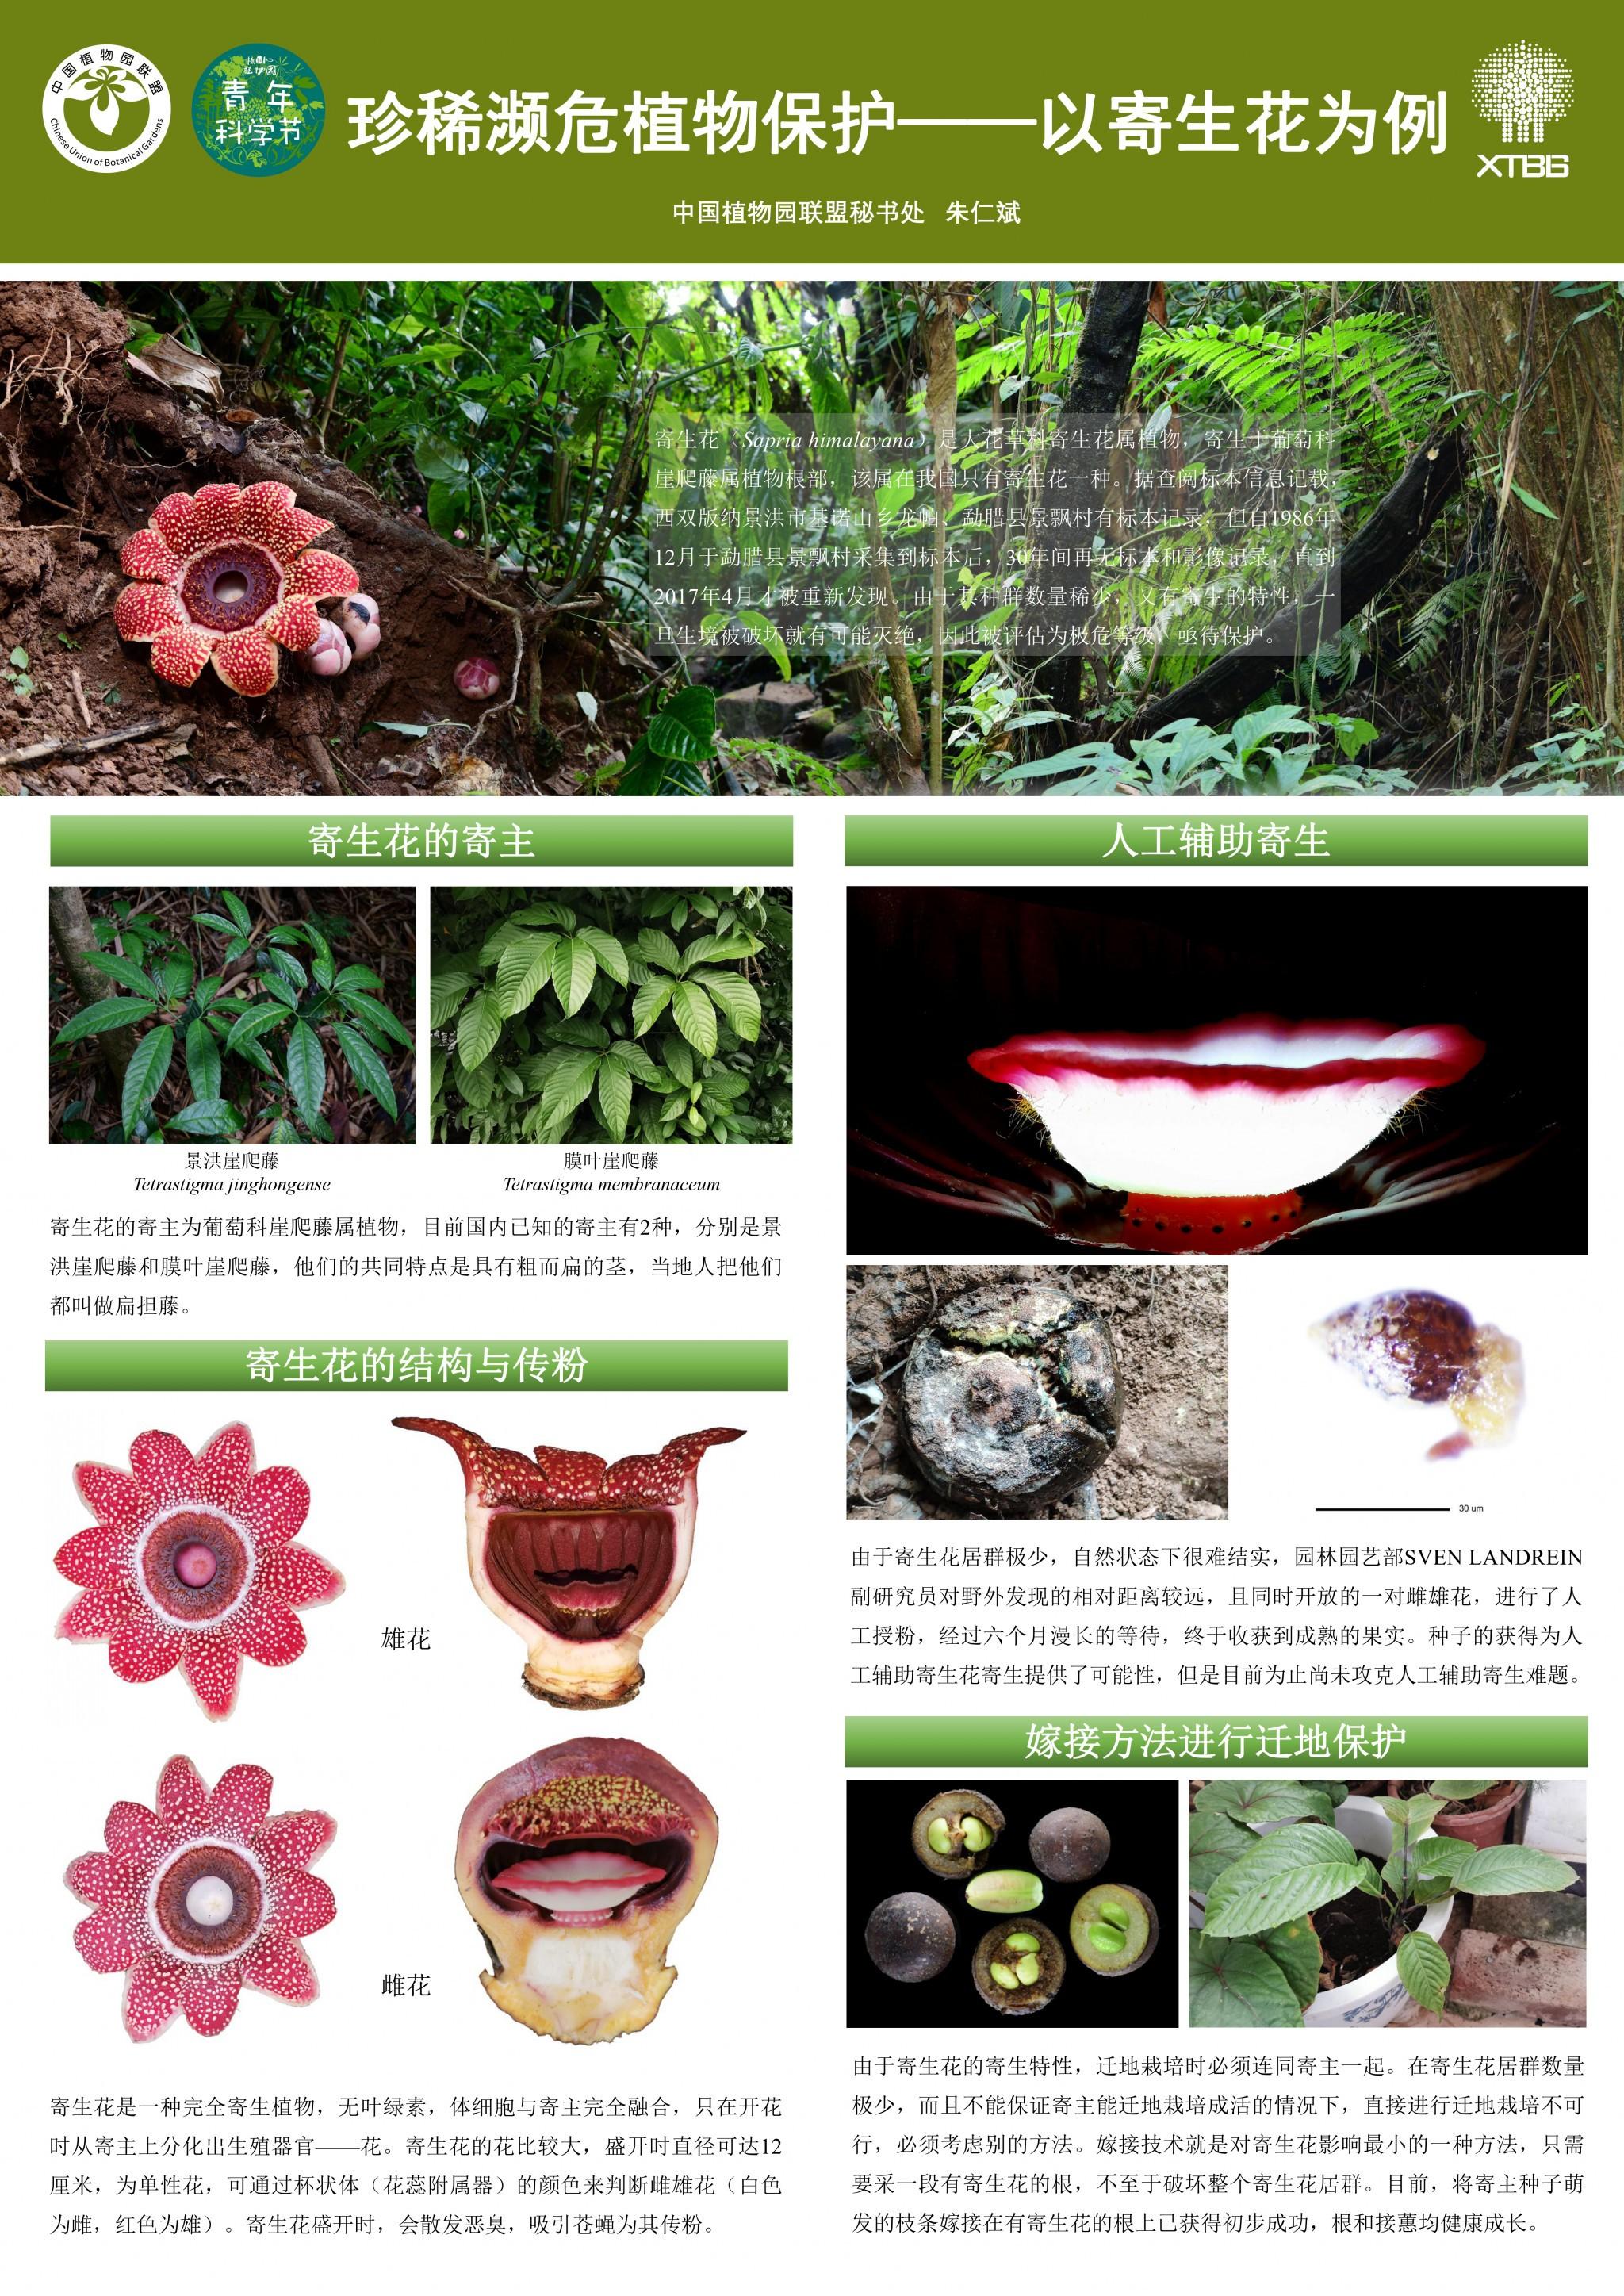 1-4 朱仁斌-珍稀濒危植物保护——以寄生花为例3